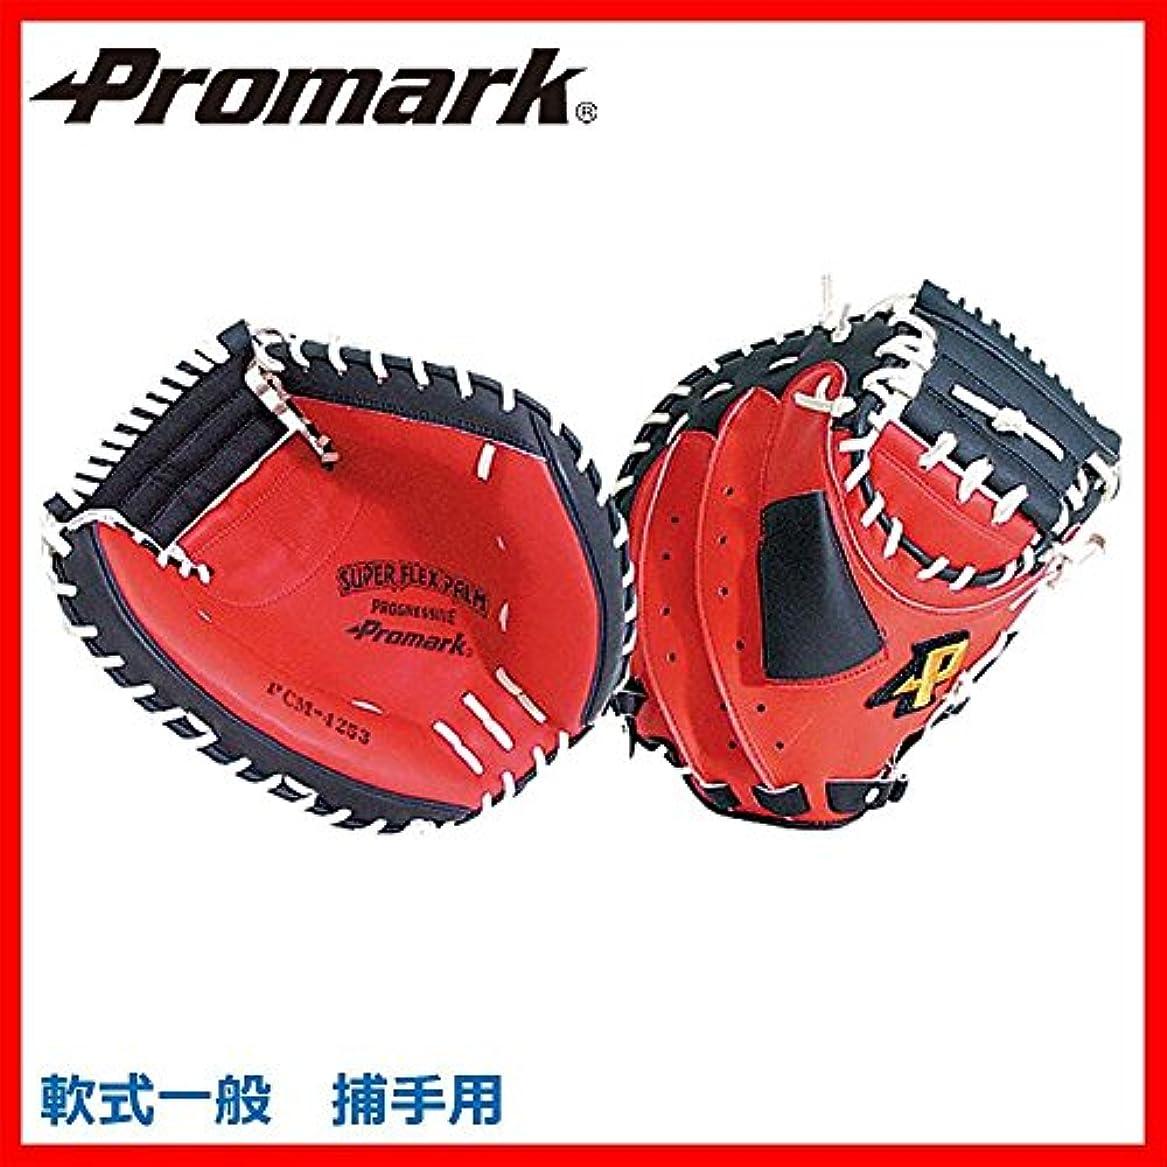 リハーサル懲らしめ推進Promark プロマーク 野球グラブ グローブ 軟式一般 捕手用 キャッチャーミット レッドオレンジ×ブラック PCM-4253